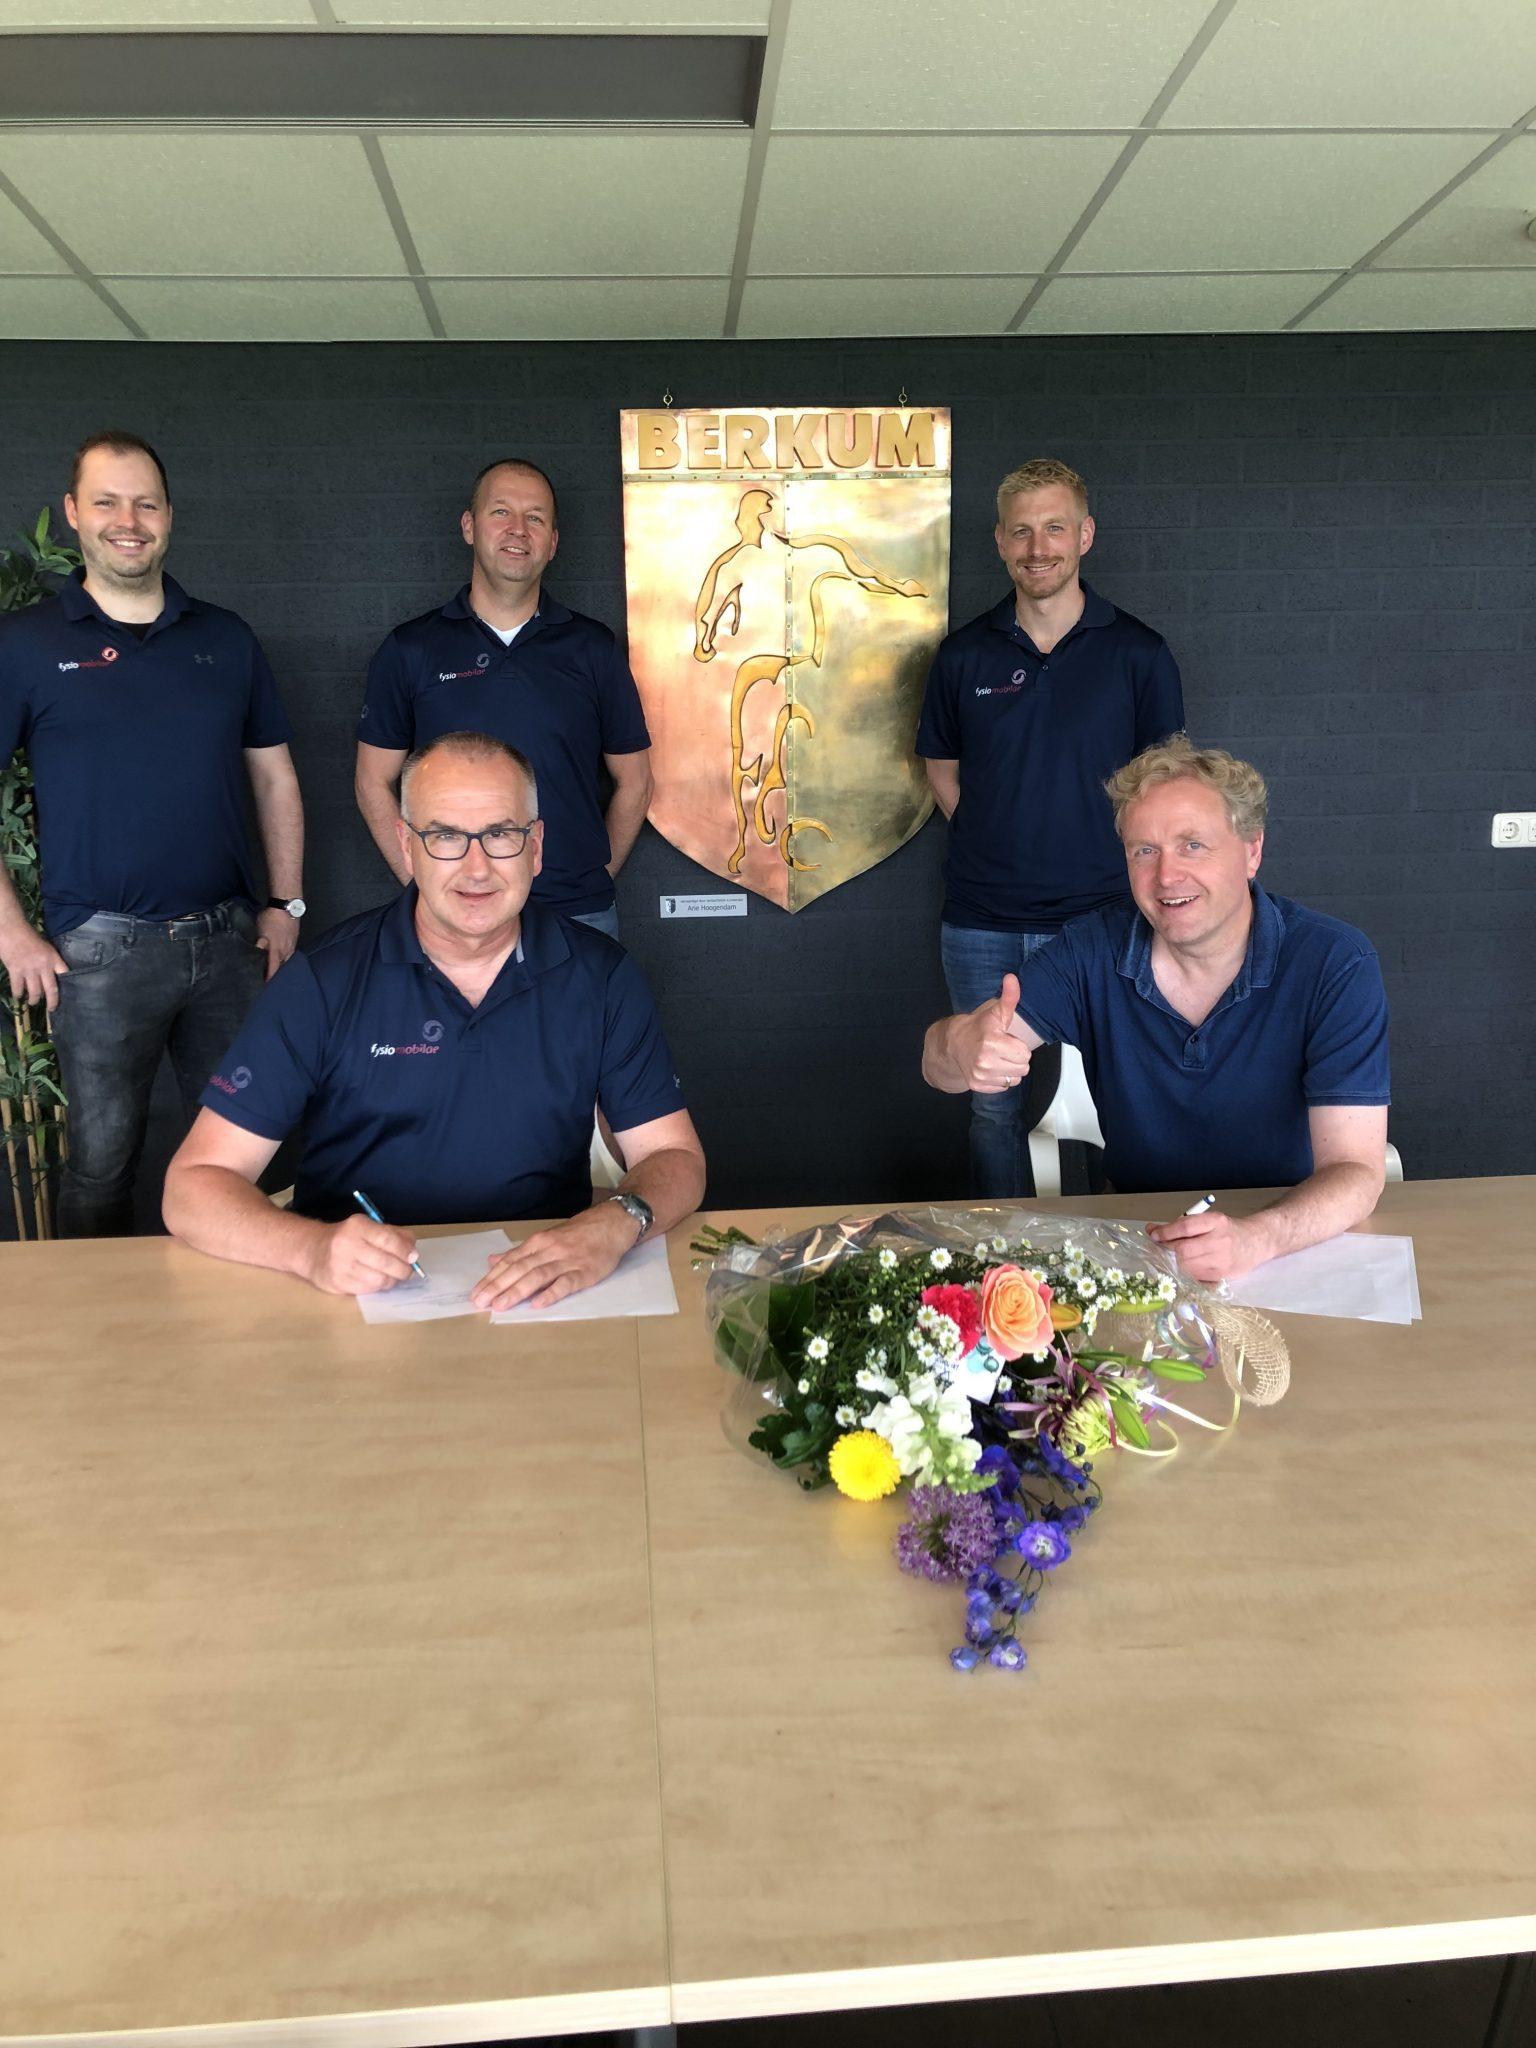 Fysiotherapie Fysiomobilae en VV Berkum breiden de samenwerking uit!